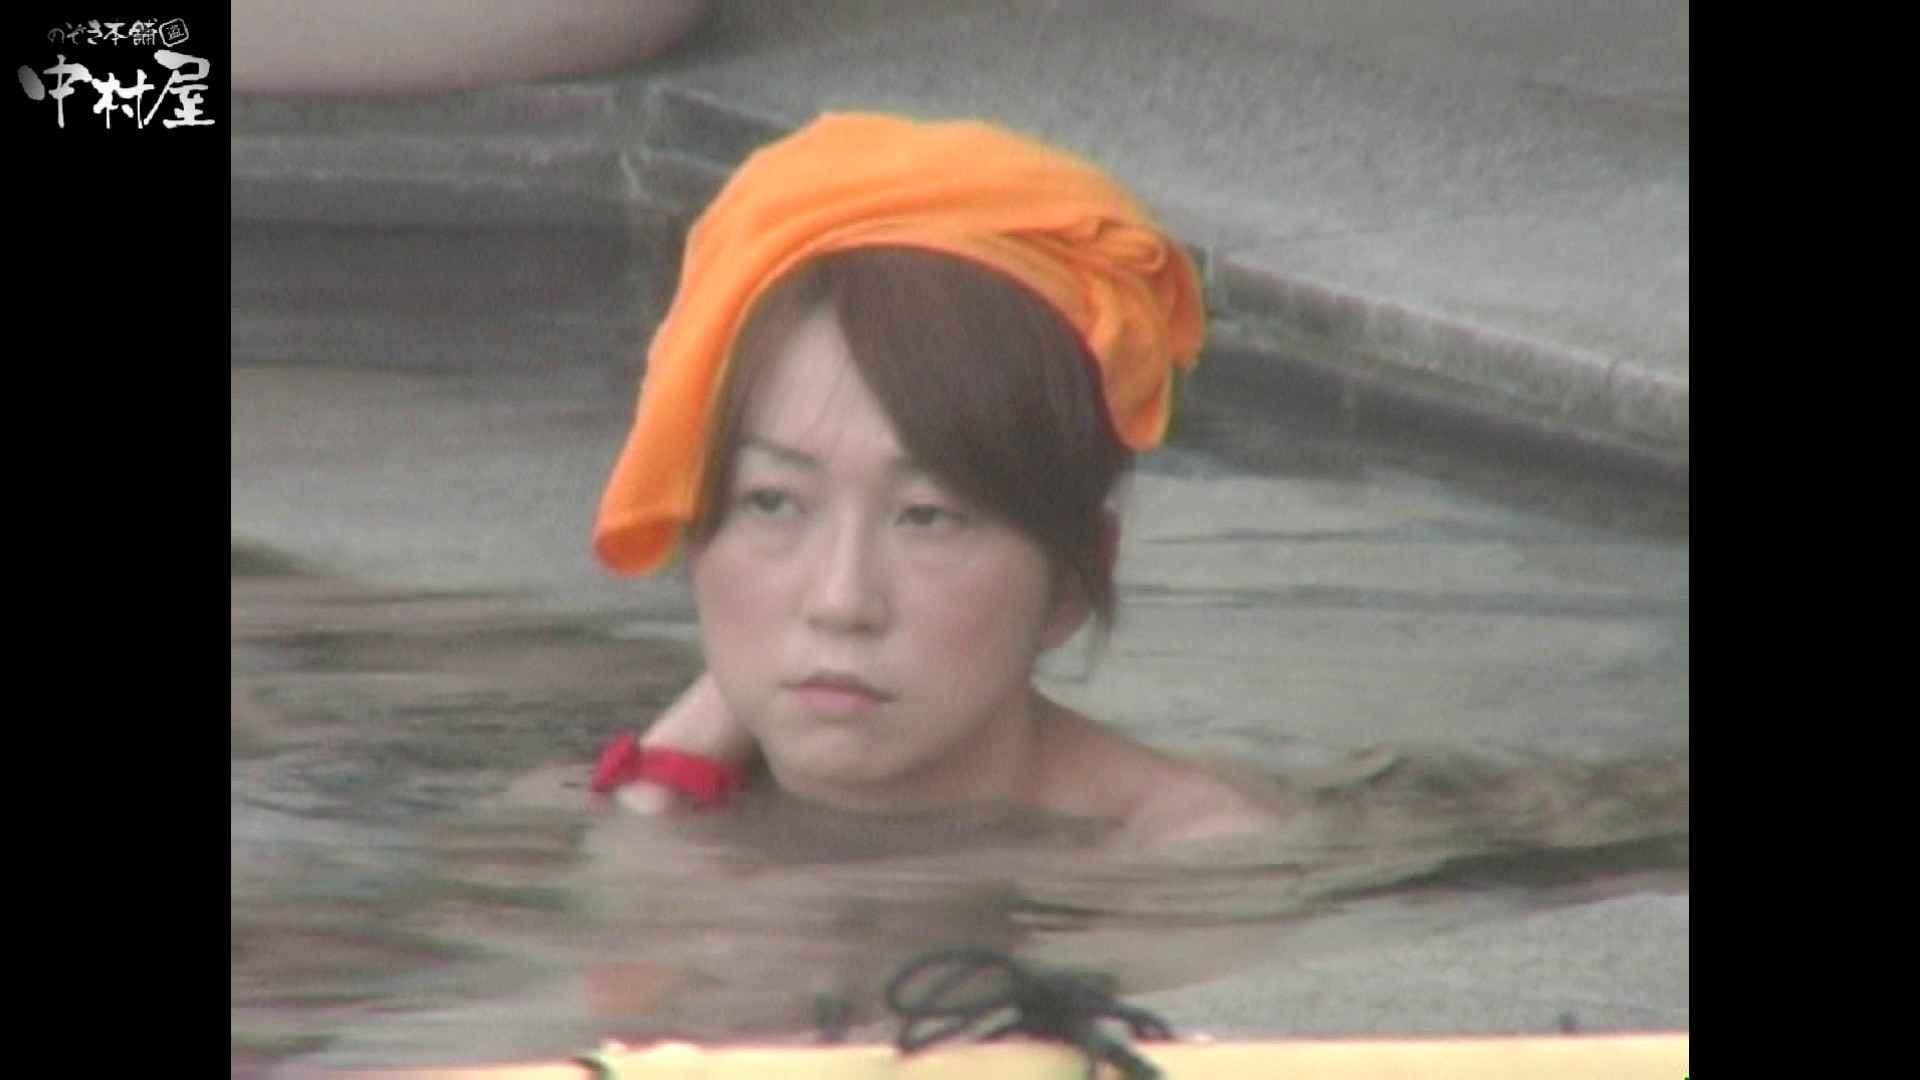 Aquaな露天風呂Vol.941 OLのエロ生活 アダルト動画キャプチャ 107連発 77